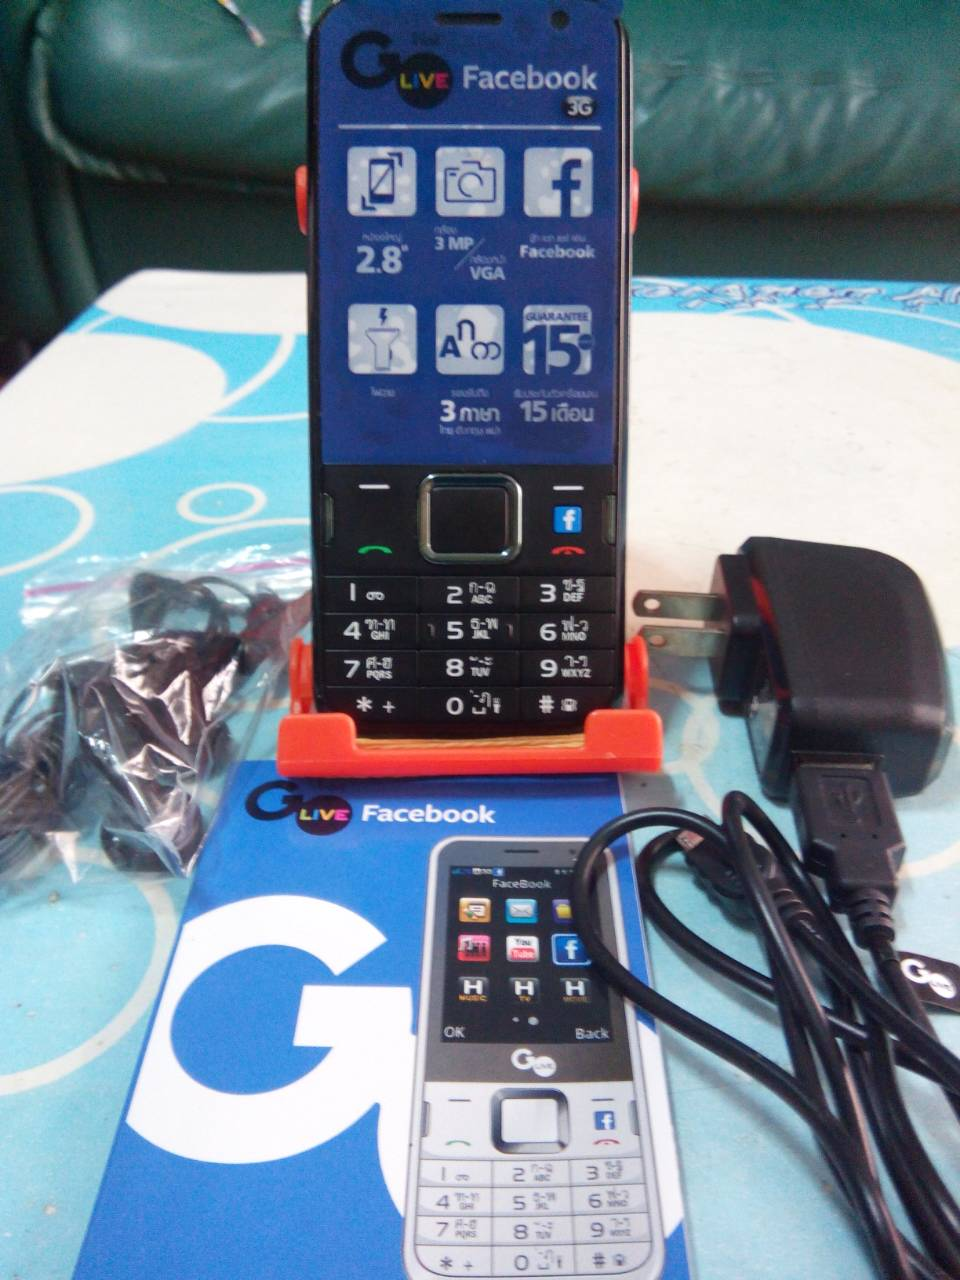 Go Live Facebook สภาพใหม่มาก รองรับ 3G พร้อมอุปกรณ์และคู่มือครบชุด